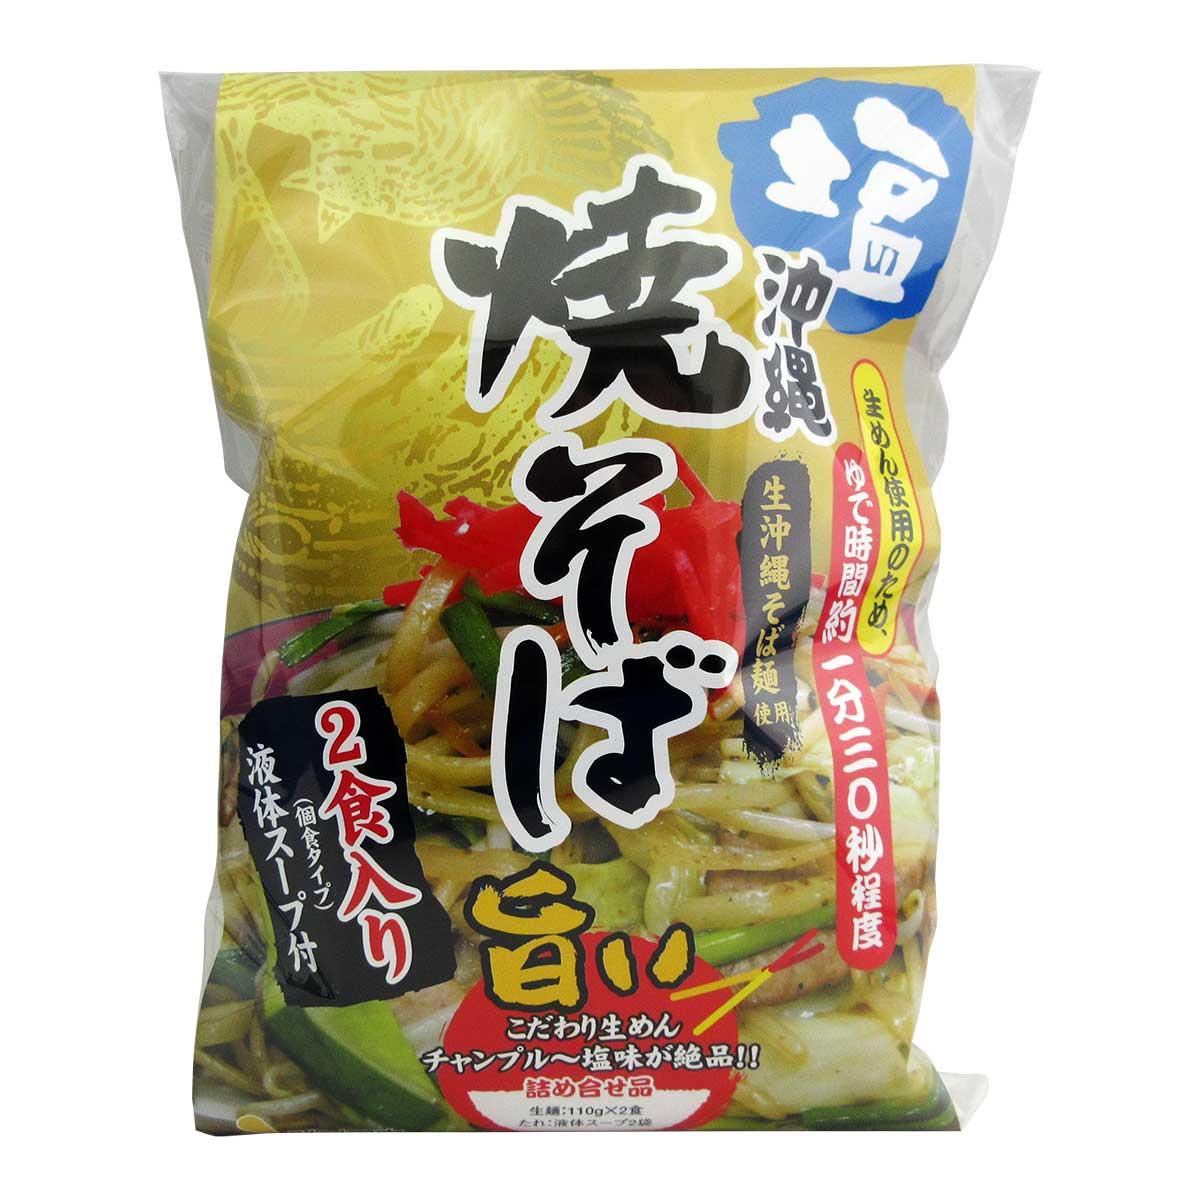 塩焼きそば 2食入り (麺110gx2食)、(スープ15gx2袋) シンコウコーポレーション